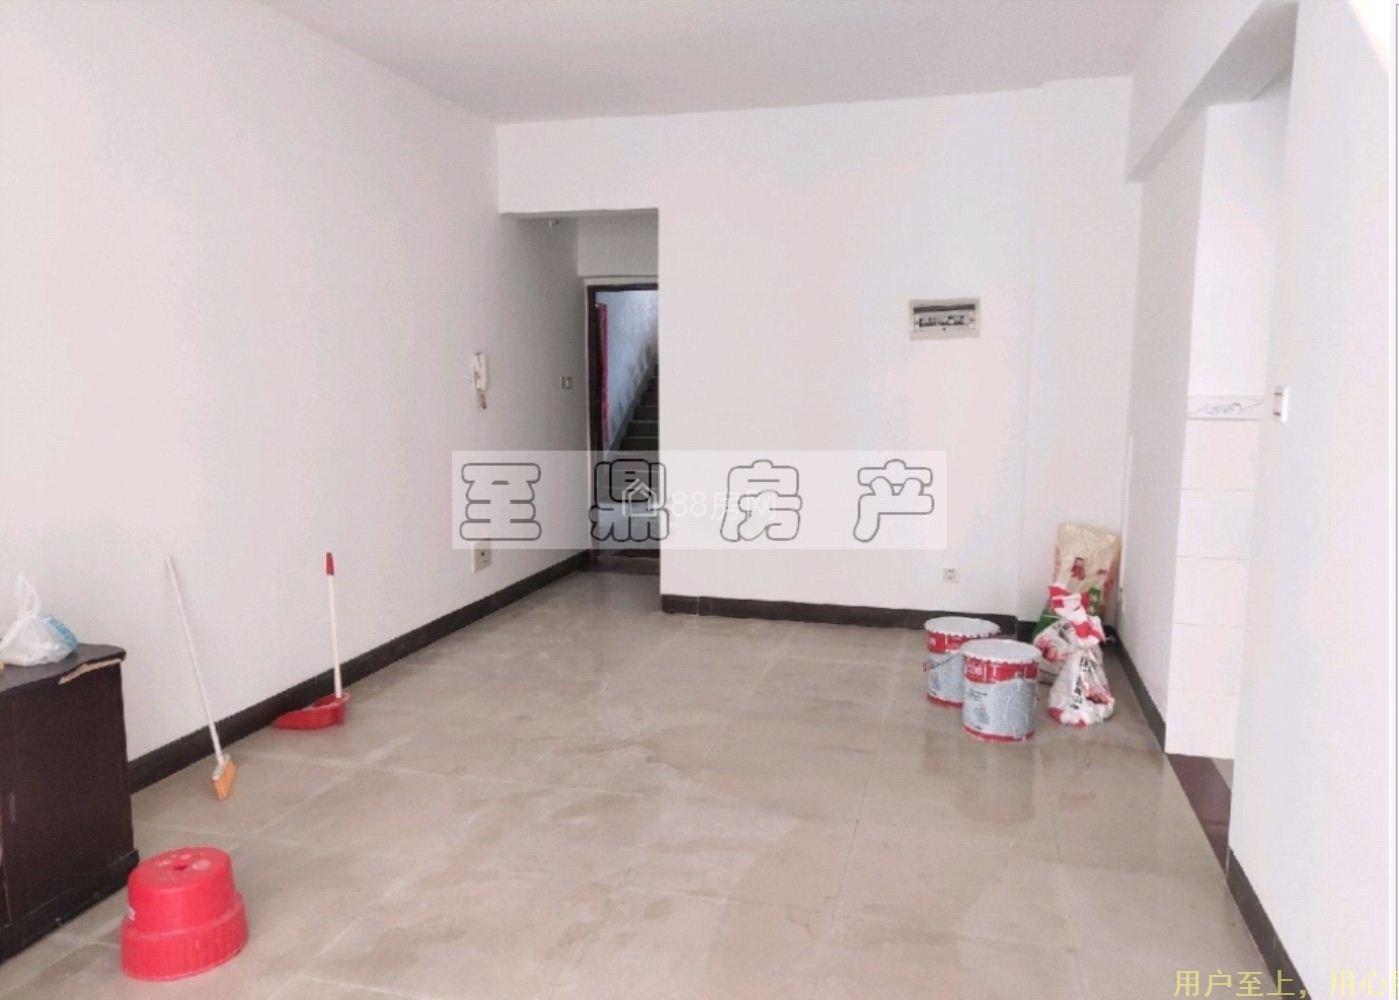 免佣出租高档社区,巨星商都 800元 1室1厅1卫 普通装修